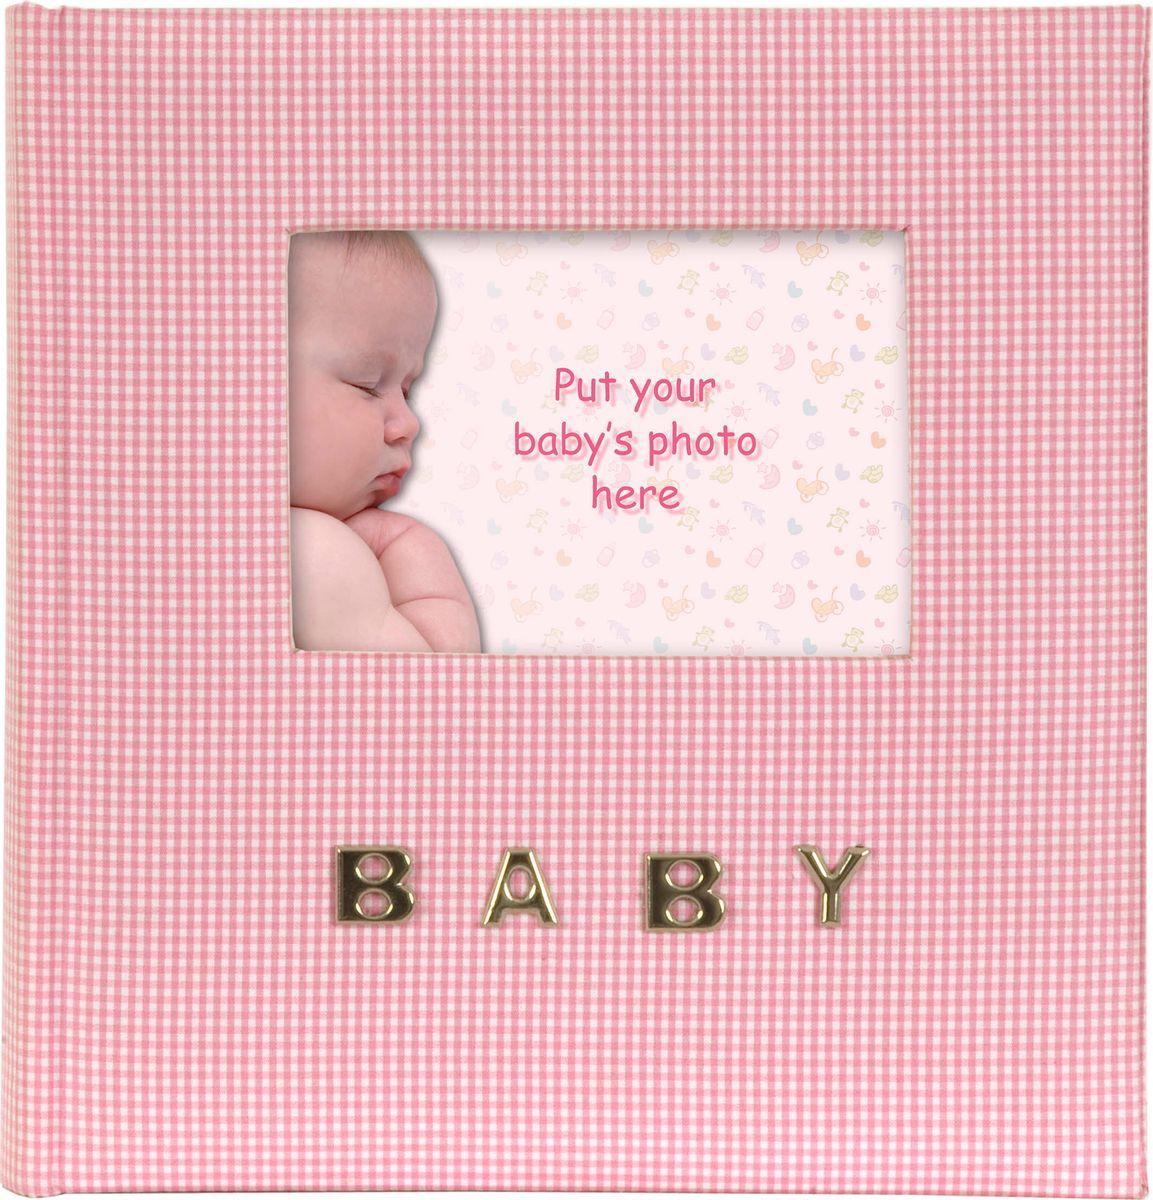 Фотоальбом Innova Baby Gingham, цвет: розовый, 100 фотографий, 10 x 15 см. Q9306337Q9306337Детский фотоальбом Innova имеет обложку из текстиля.Альбом рассчитан на 100 фотографий форматом 10 х 15 см. Для фотографий предусмотрено поле для записей. Страницы изготовлены из плотной бумаги и скреплены книжным переплетом. Фотоальбом является универсальным подарком к любому празднику. Родным, близким и просто знакомым будет приятно помещать фотографии в этот альбом.